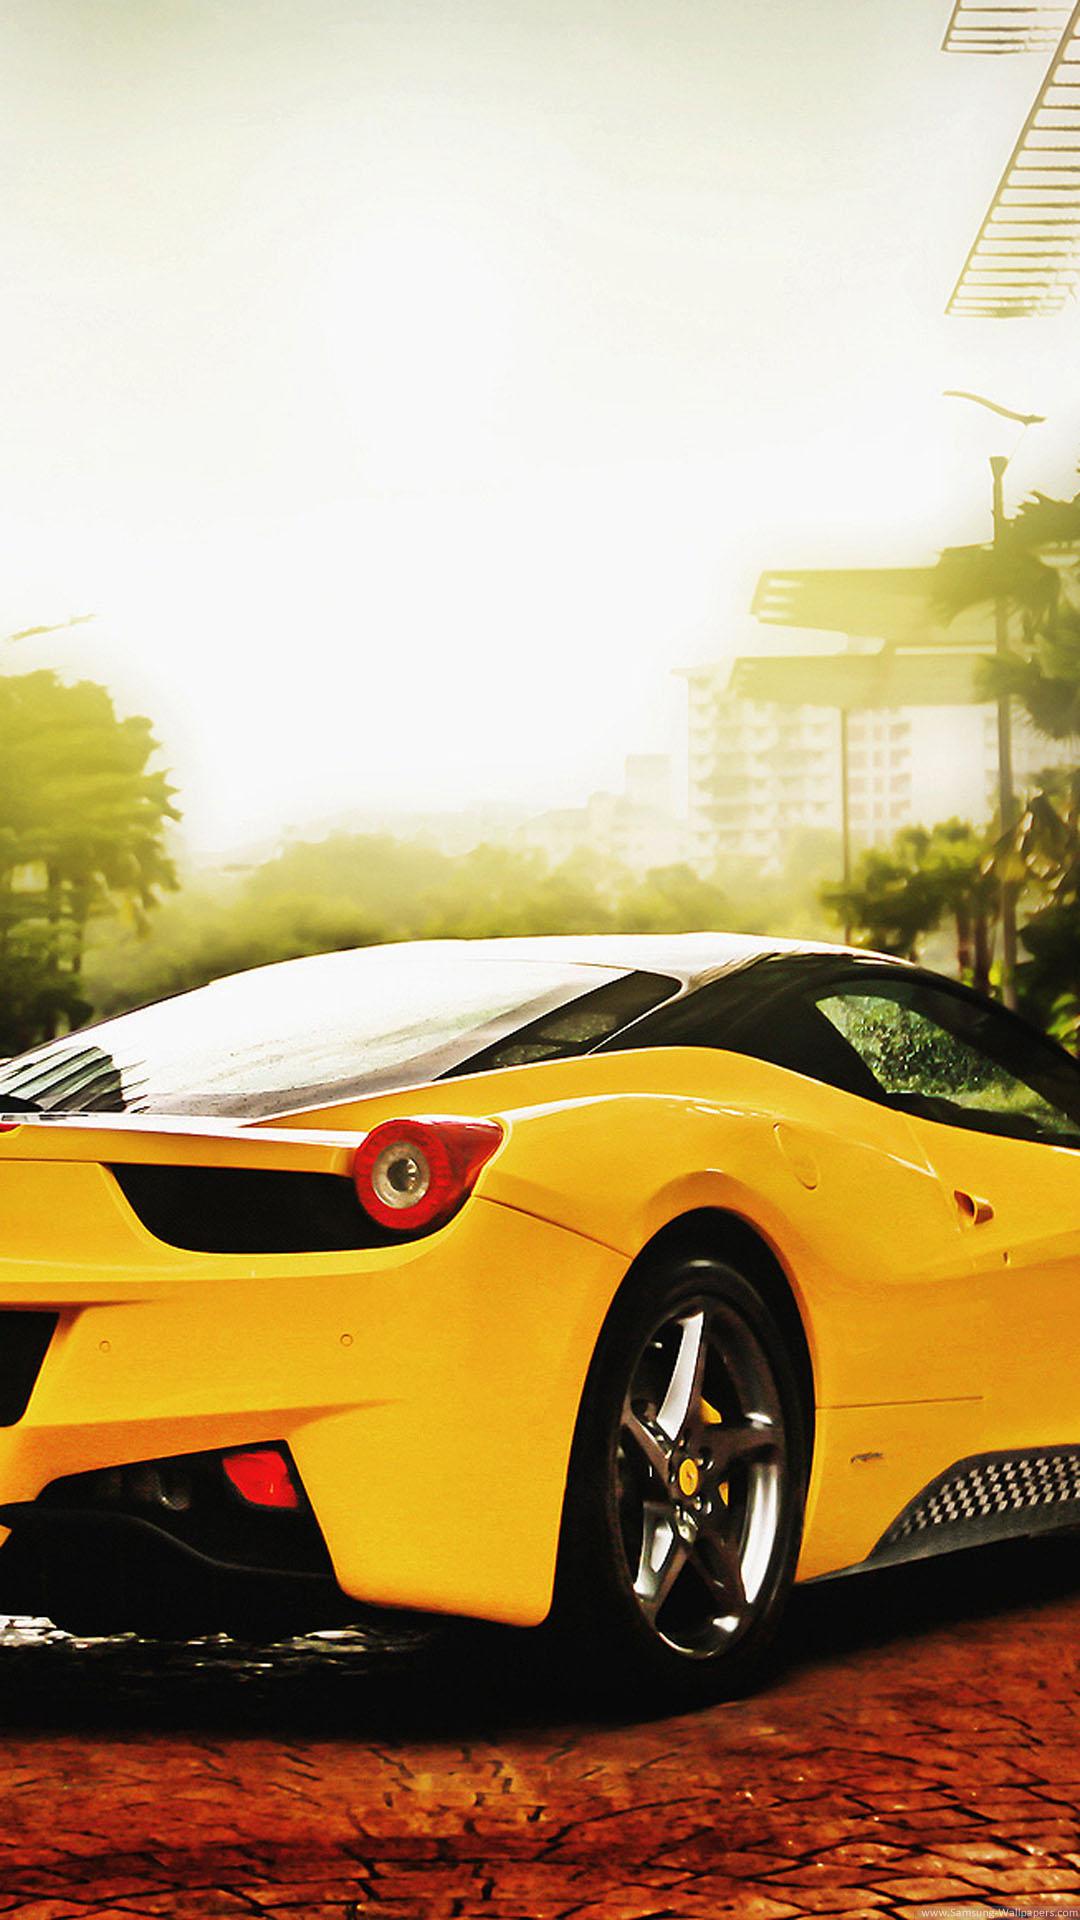 iPhone wallpaper ferrari yellow Ferrari